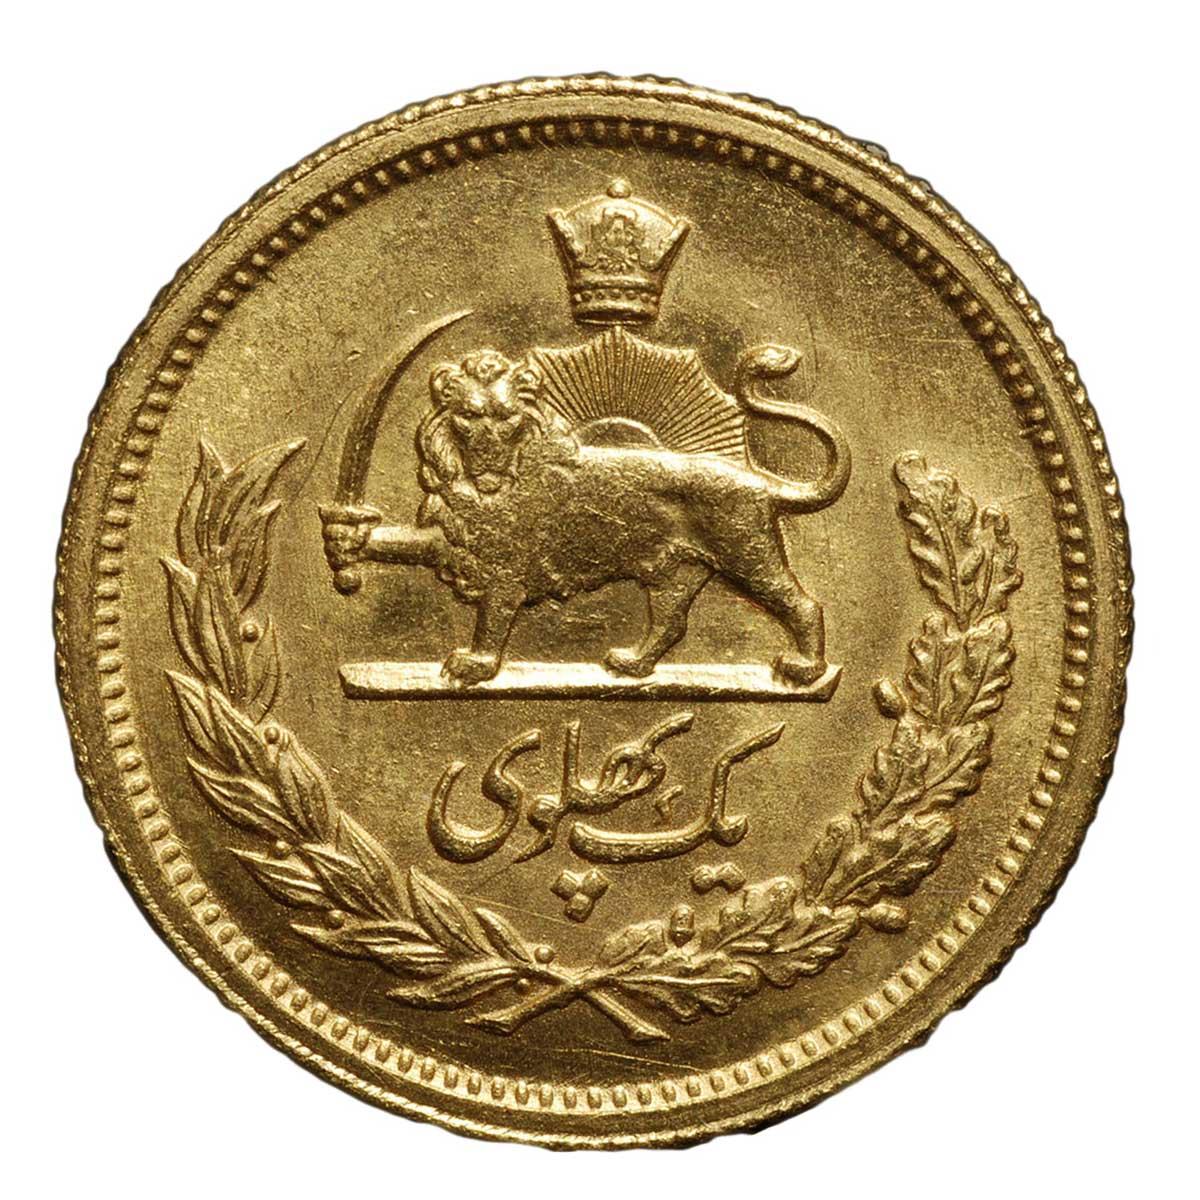 Iran Moneta d'oro dell'ultimo Scià di Persia Reza Pahlavi